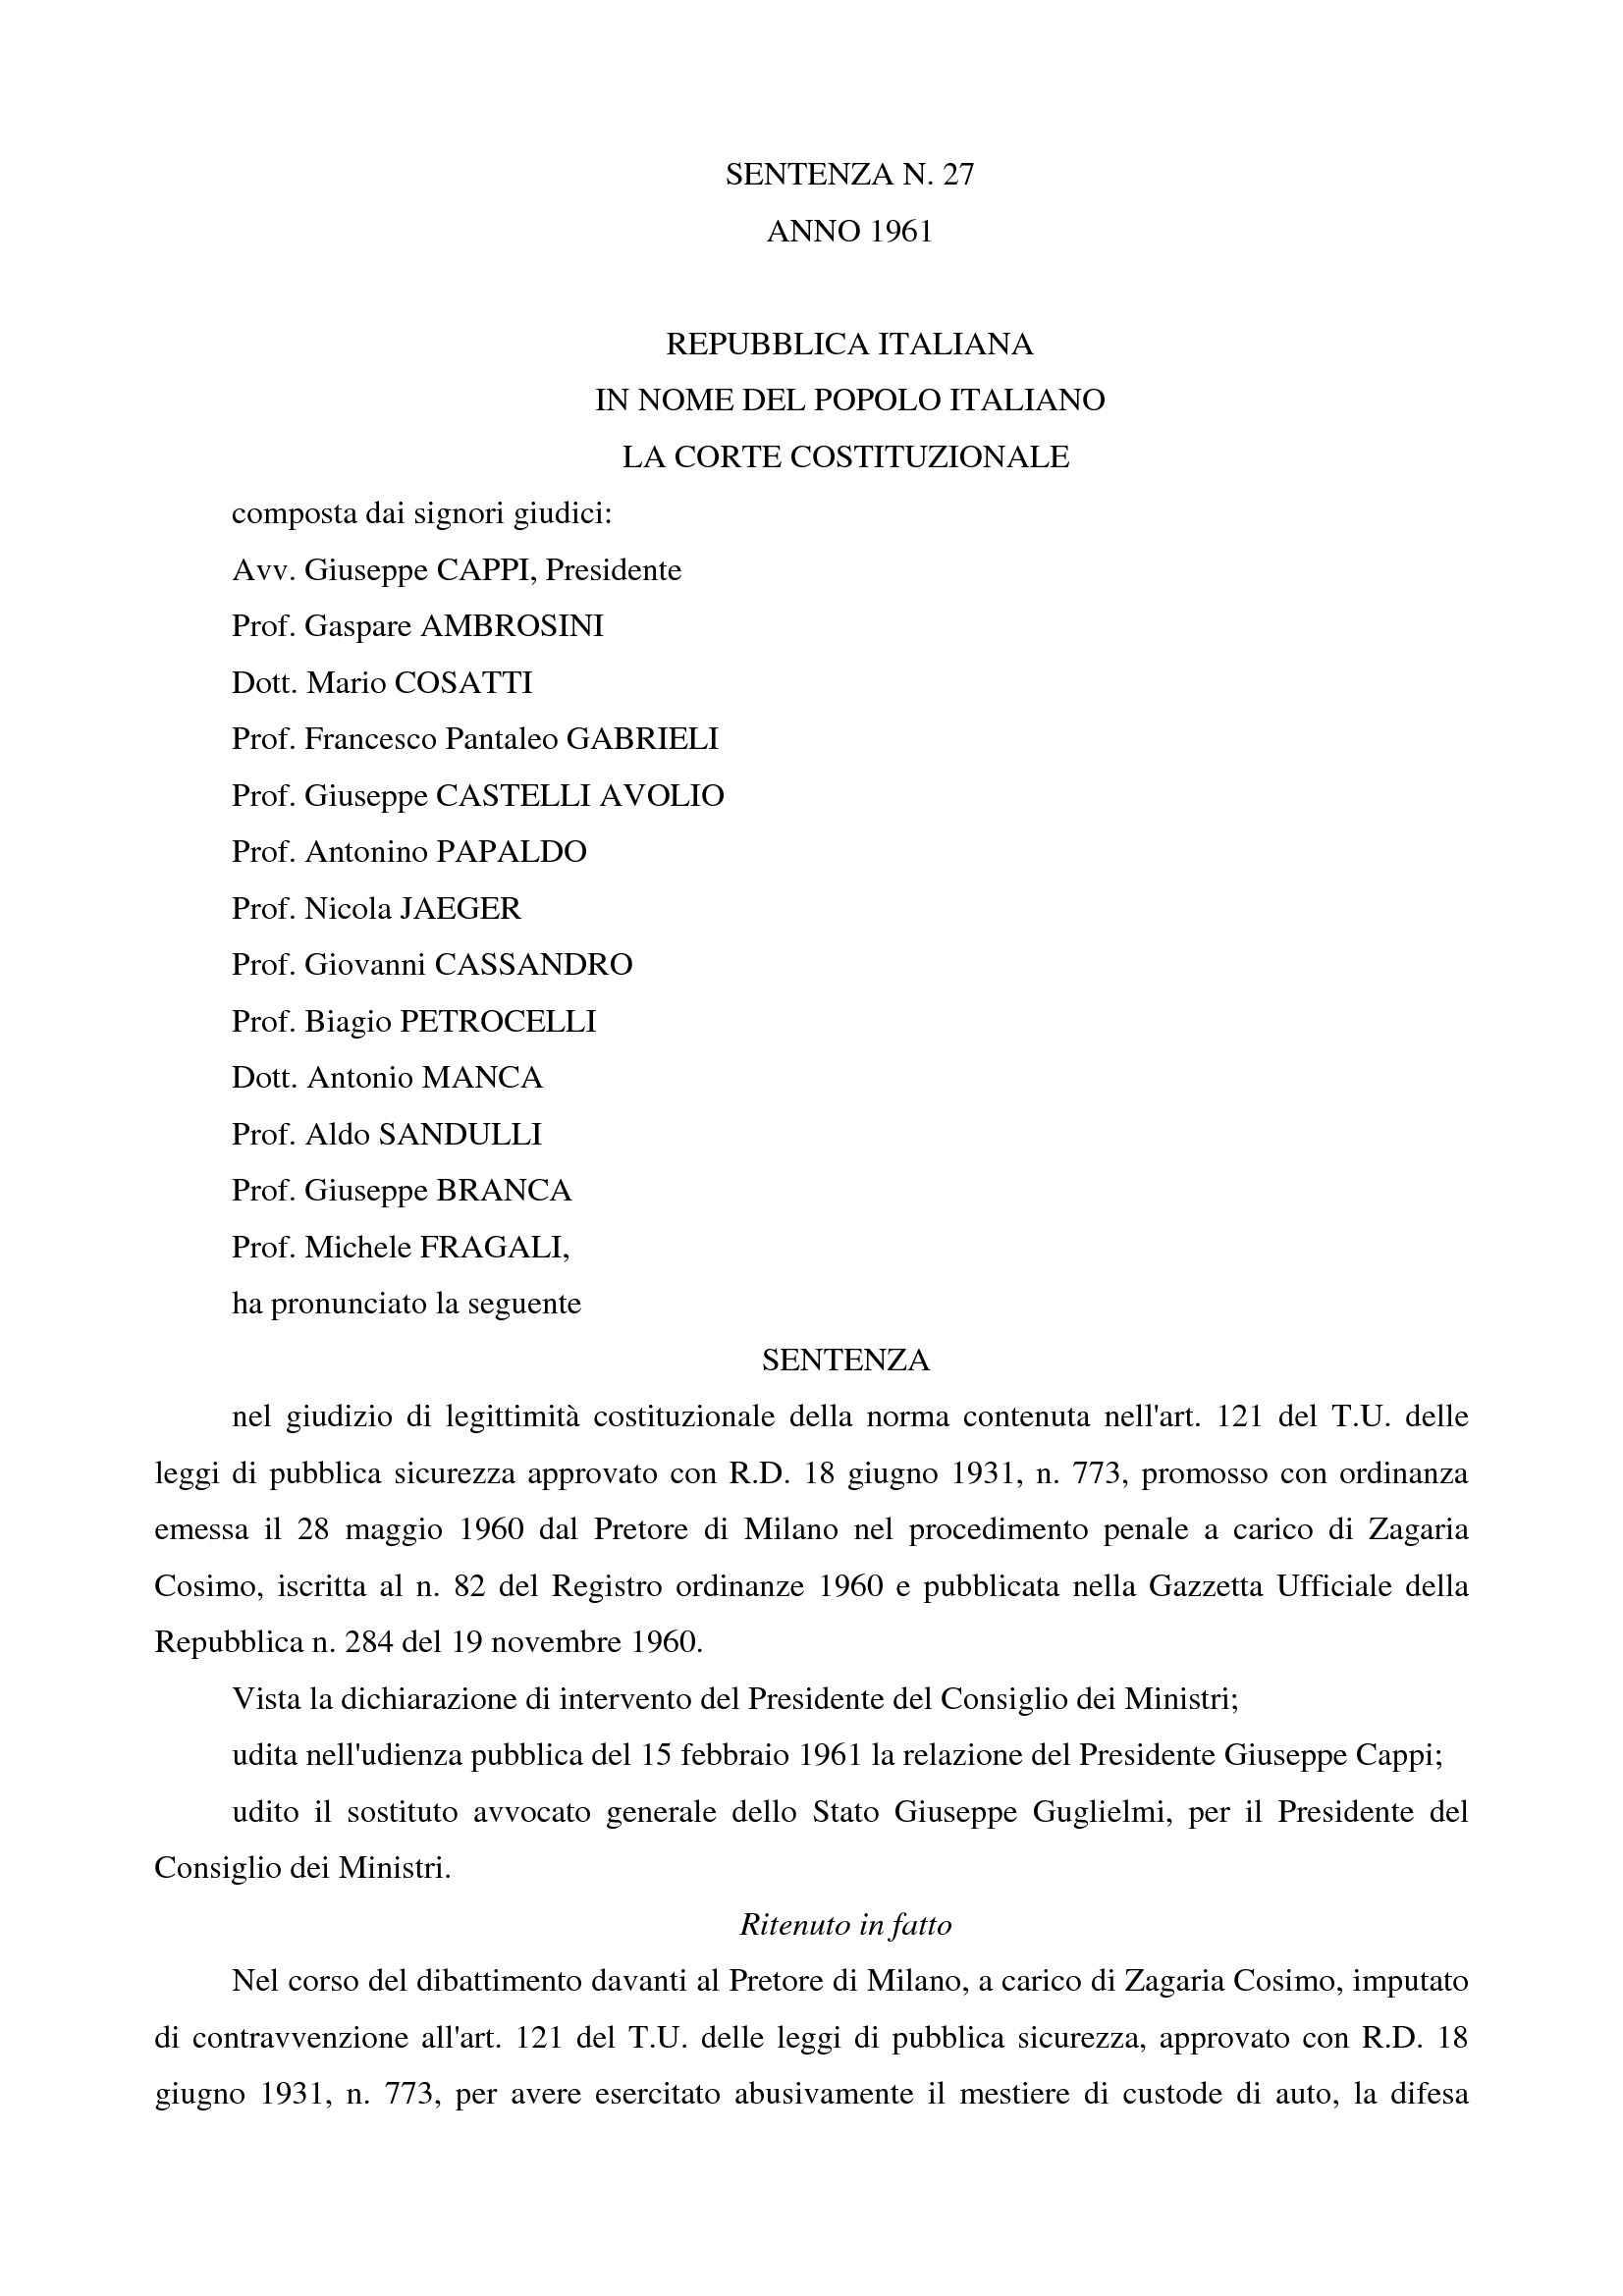 Nullum crimen sine lege - C. Cost. n. 27/61